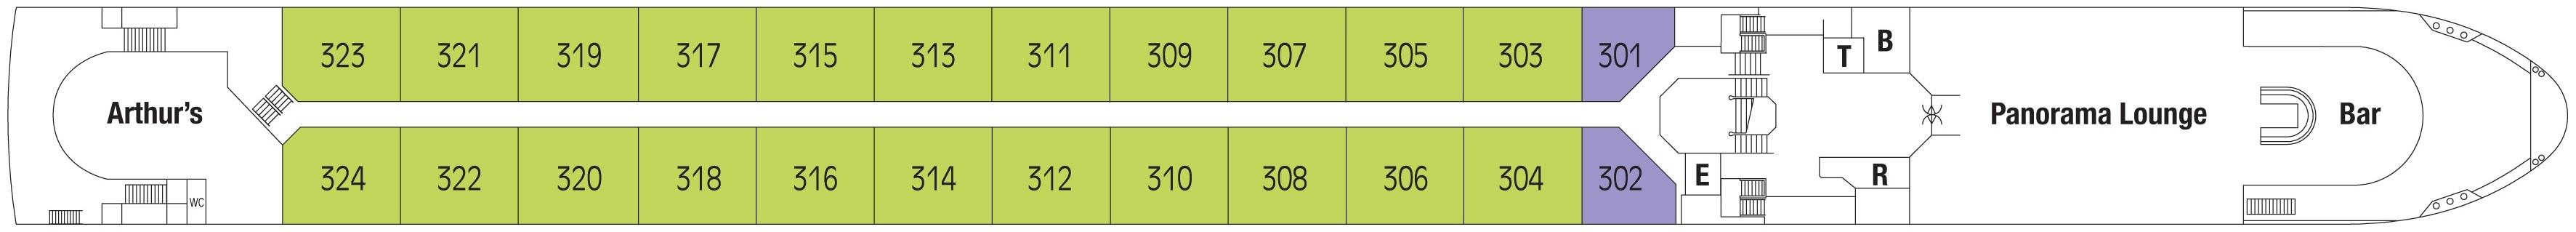 Tauck Inspiration Class Deckplans 3 Diamond Deck.jpg